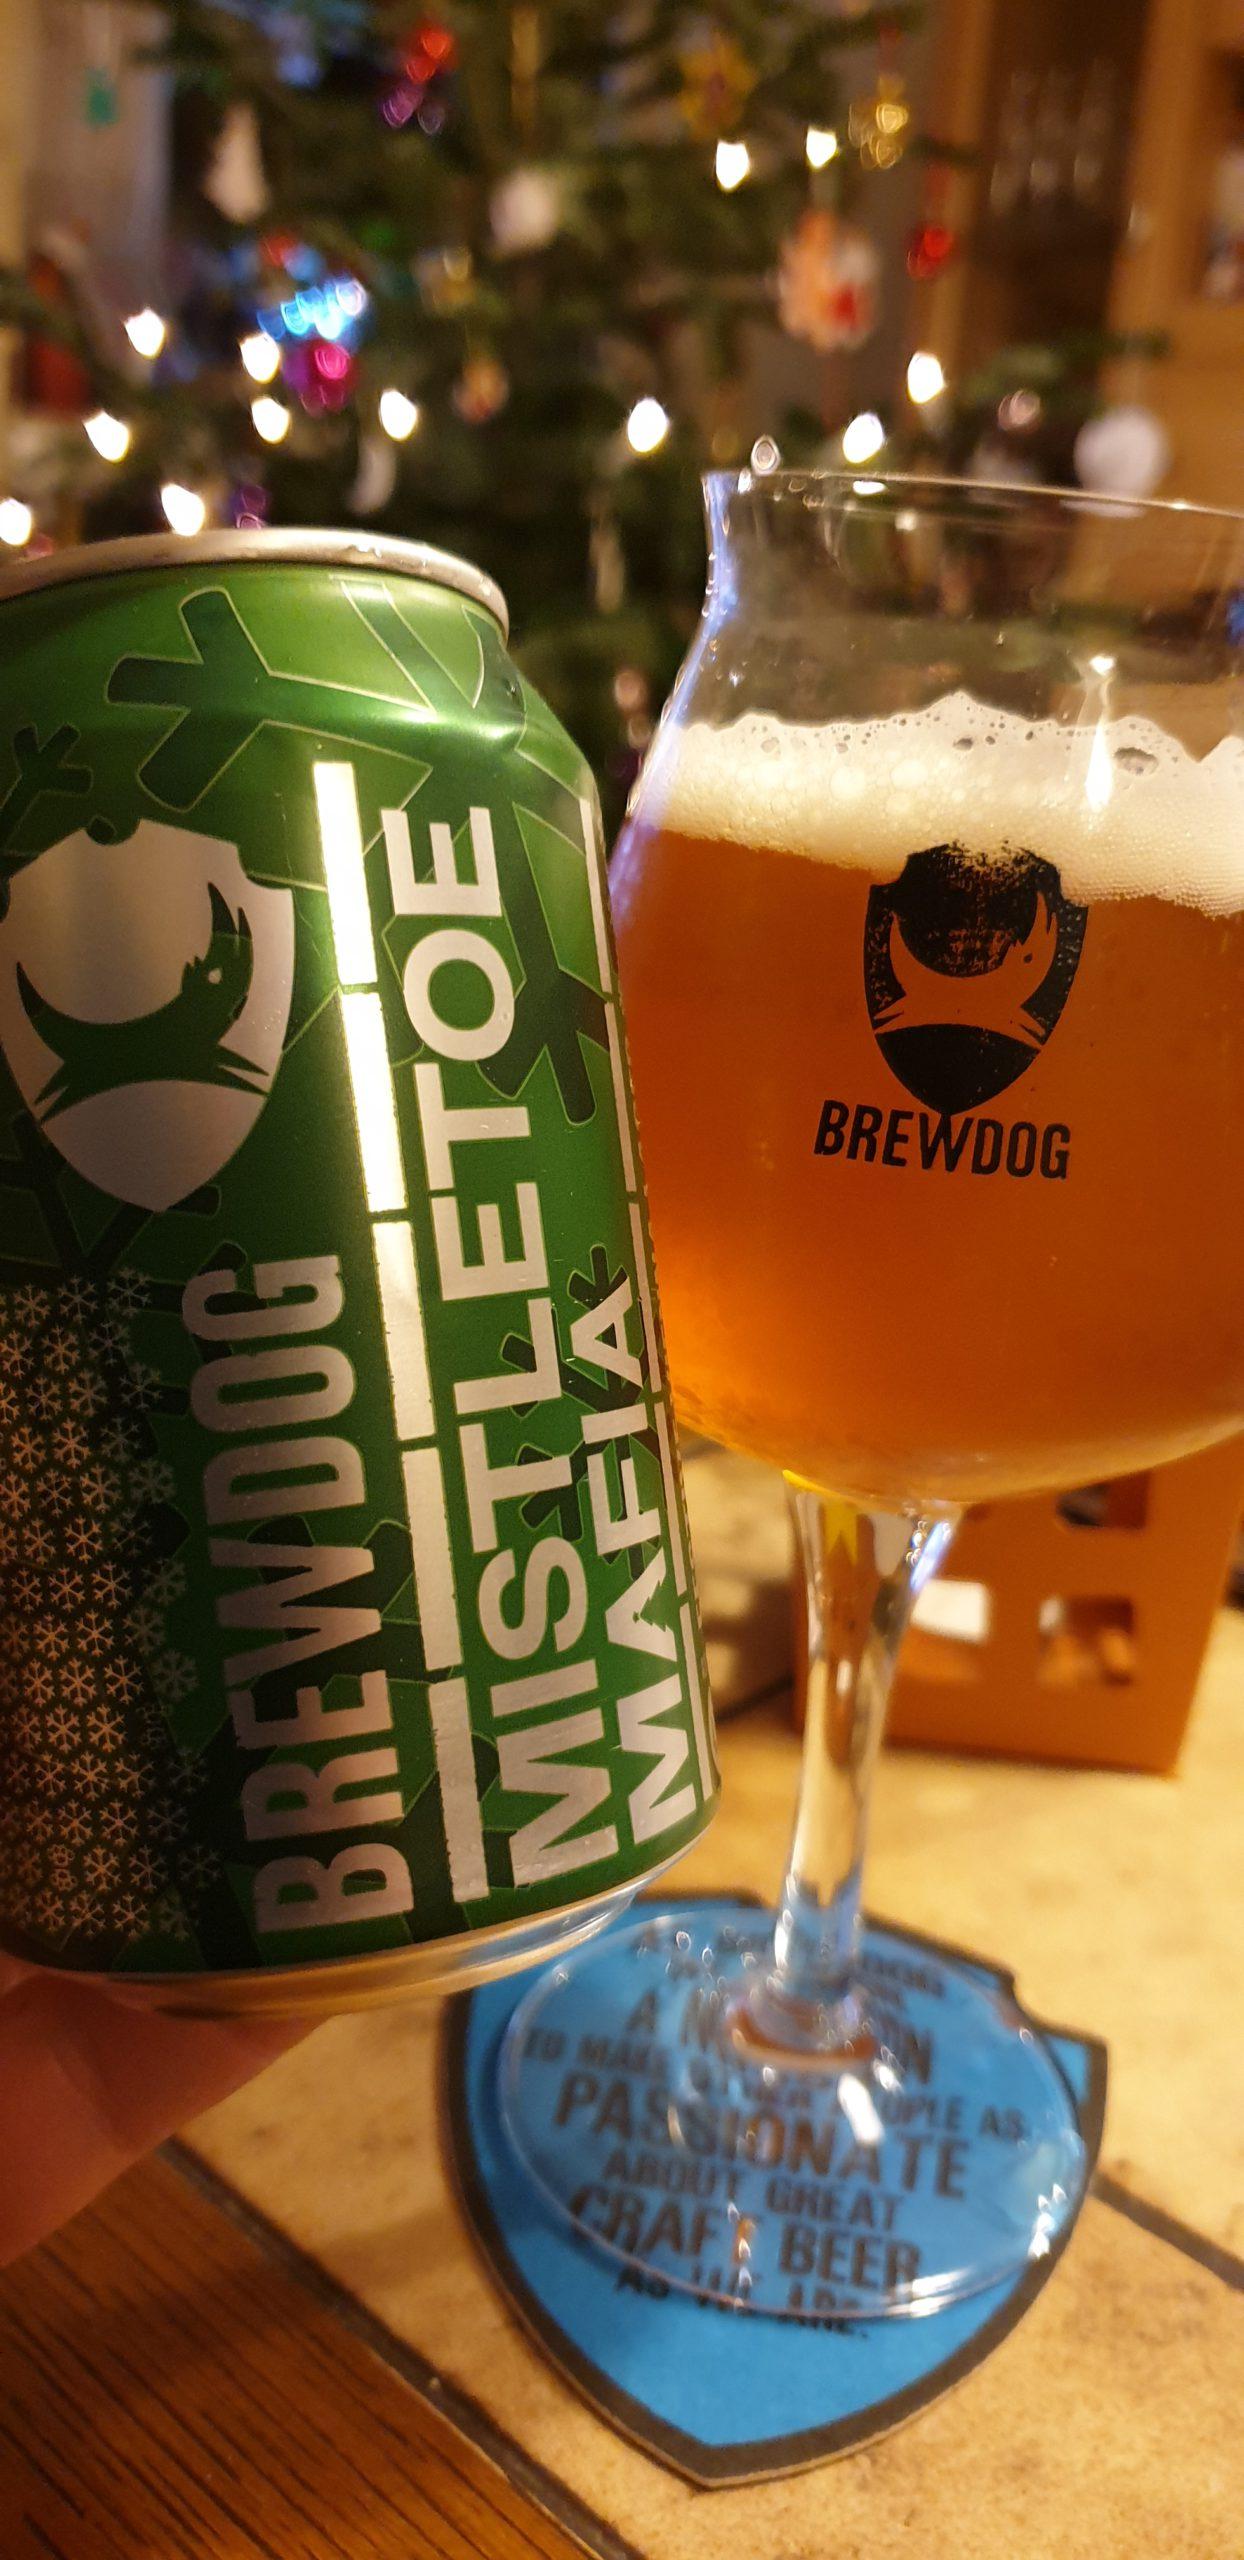 BrewDog (12 Beers of Christmas) Mistletoe Mafia